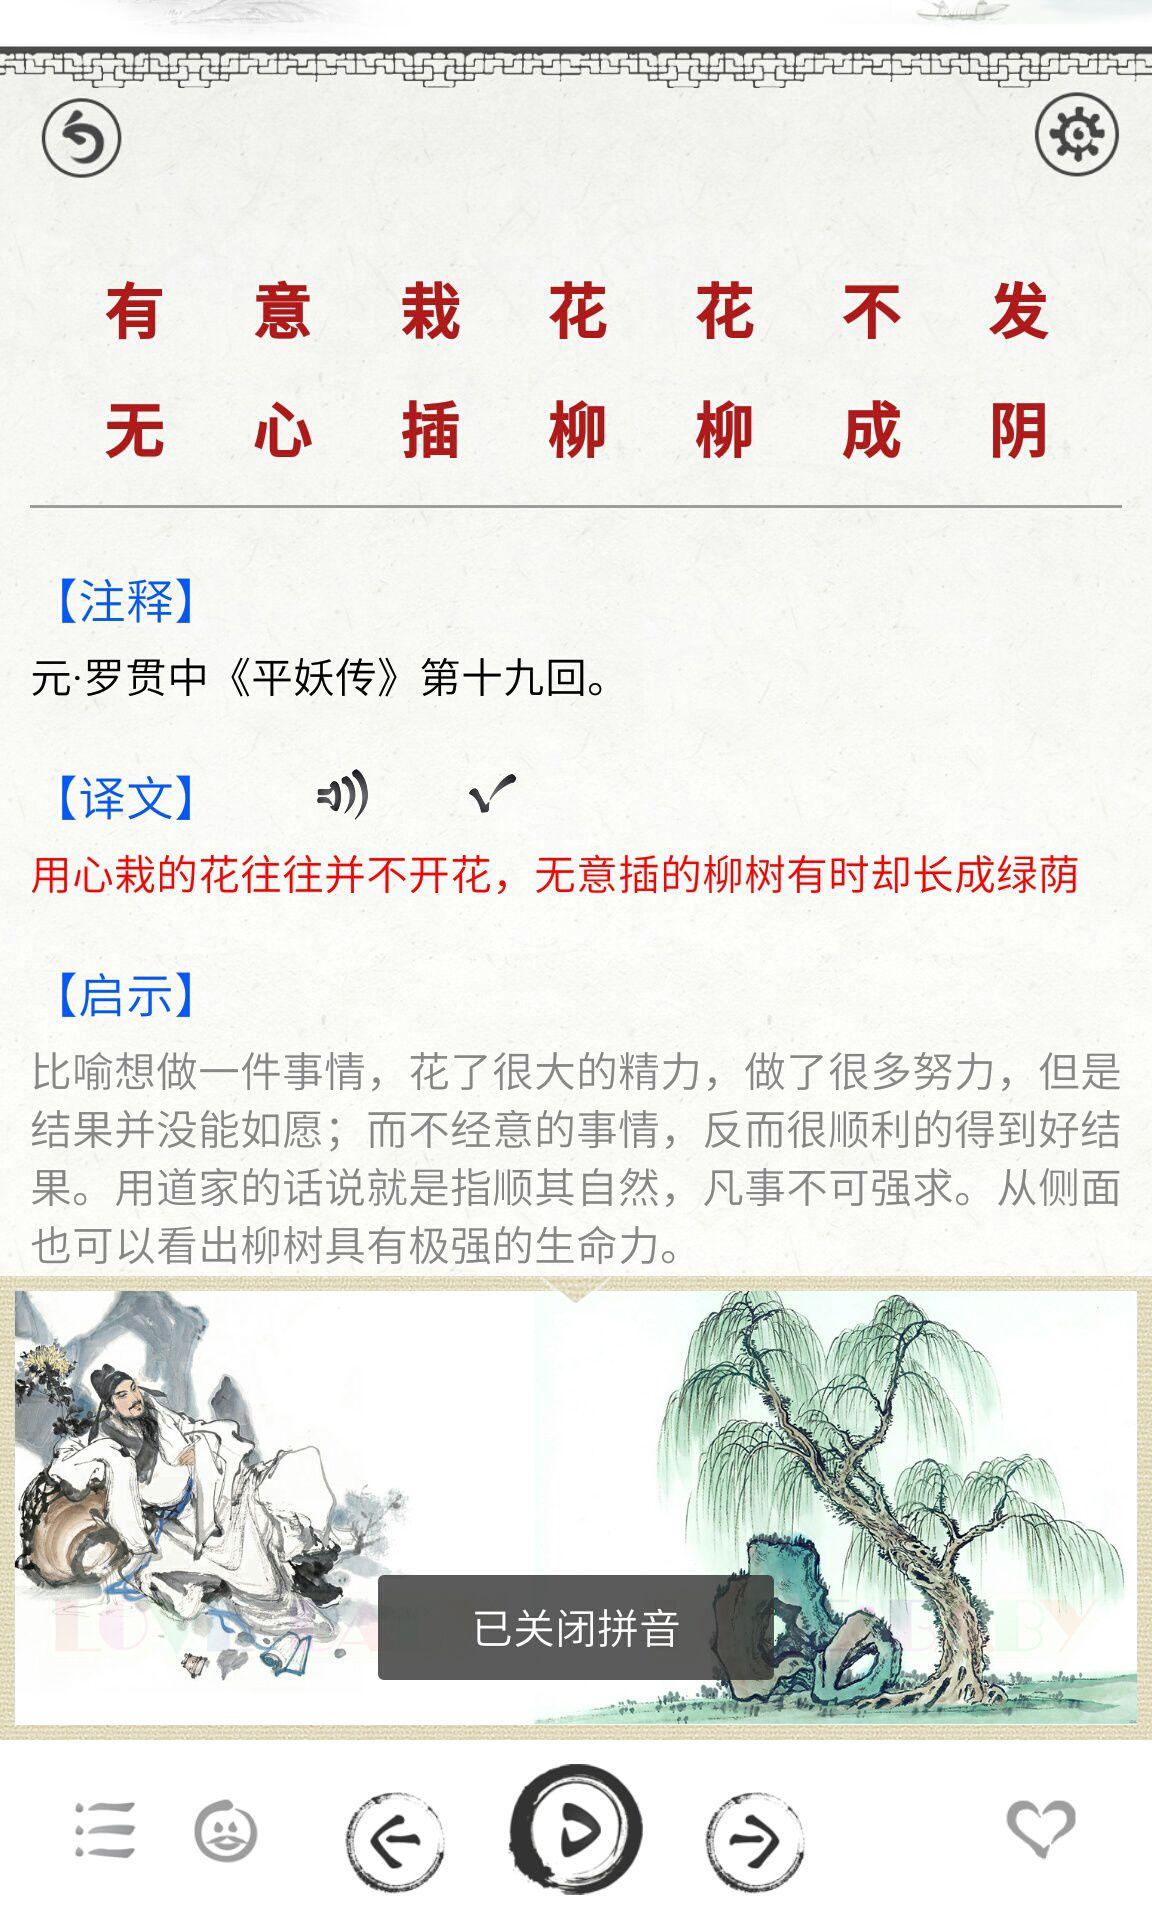 增广贤文图文有声国学 V2.1 安卓版截图5